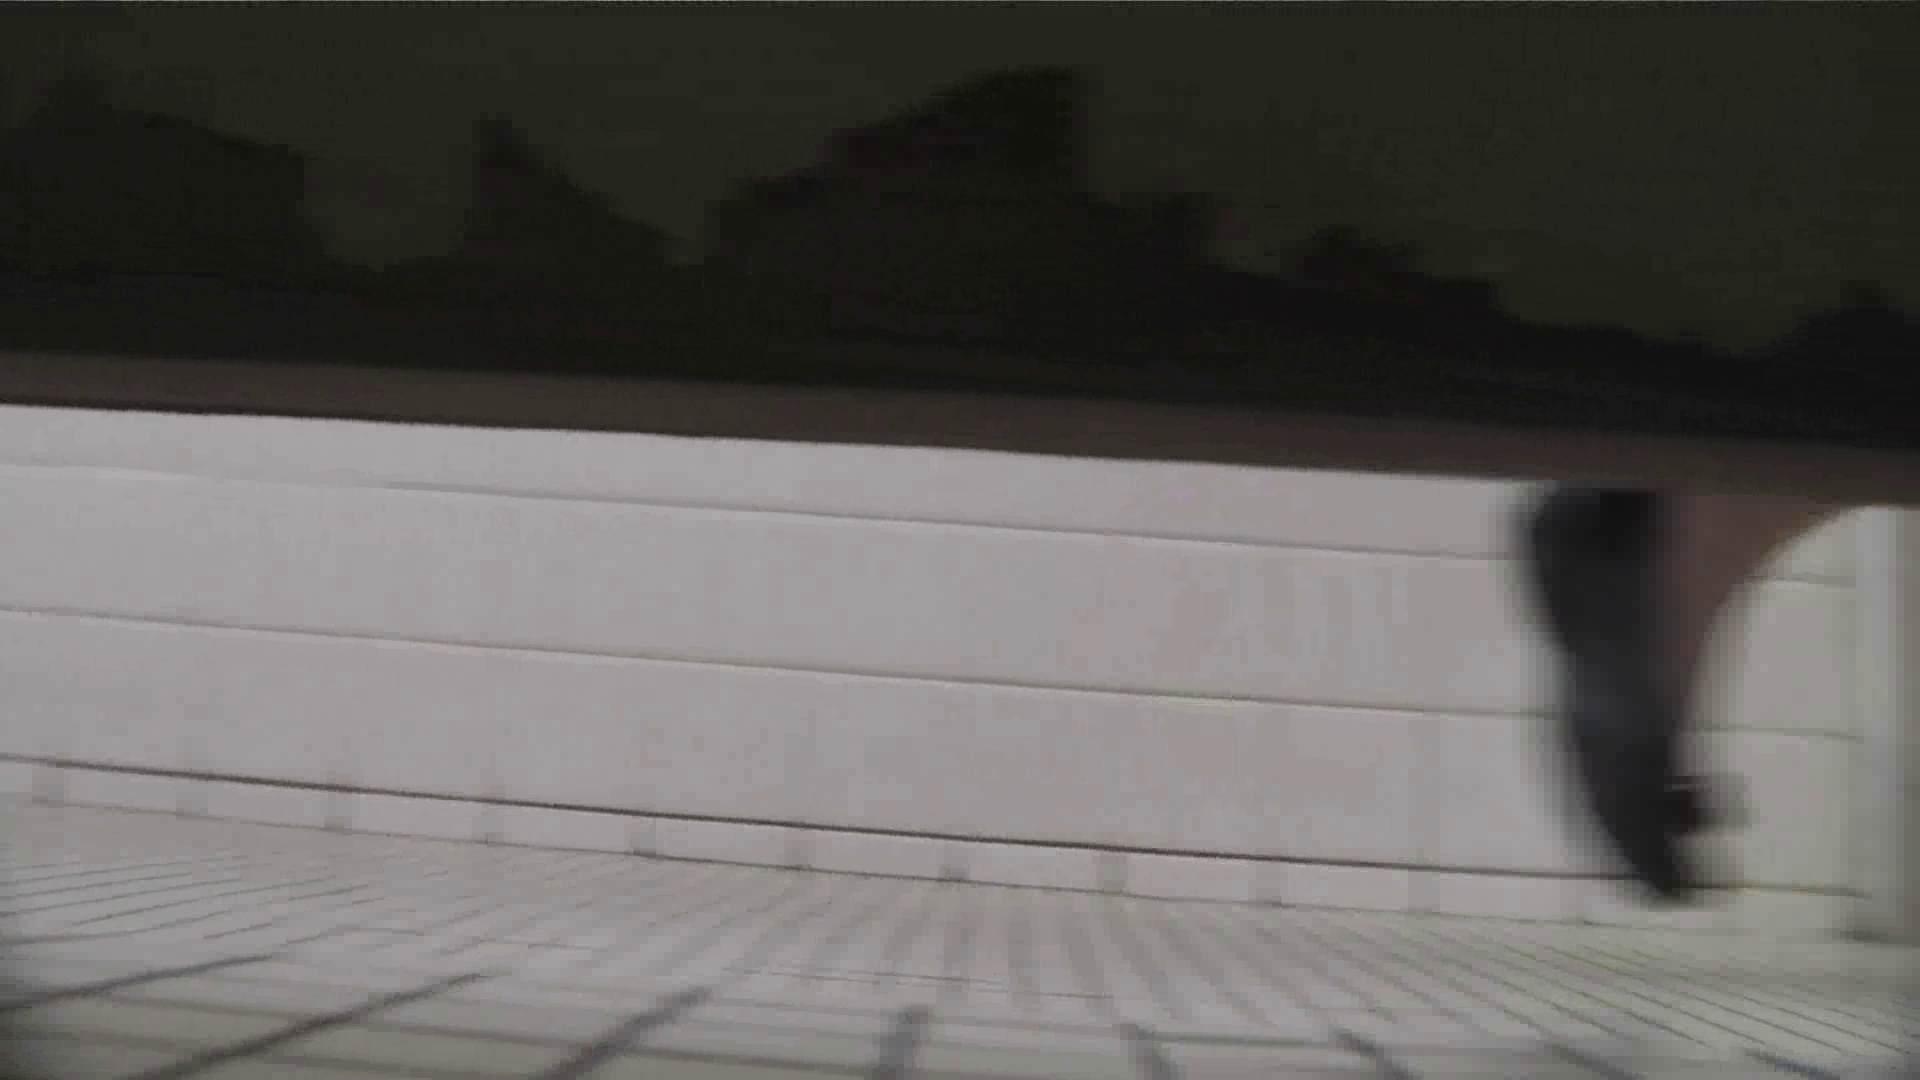 【美しき個室な世界】 vol.025 メガネ属性ヾ(´∀`)ノ 高評価  112PIX 72